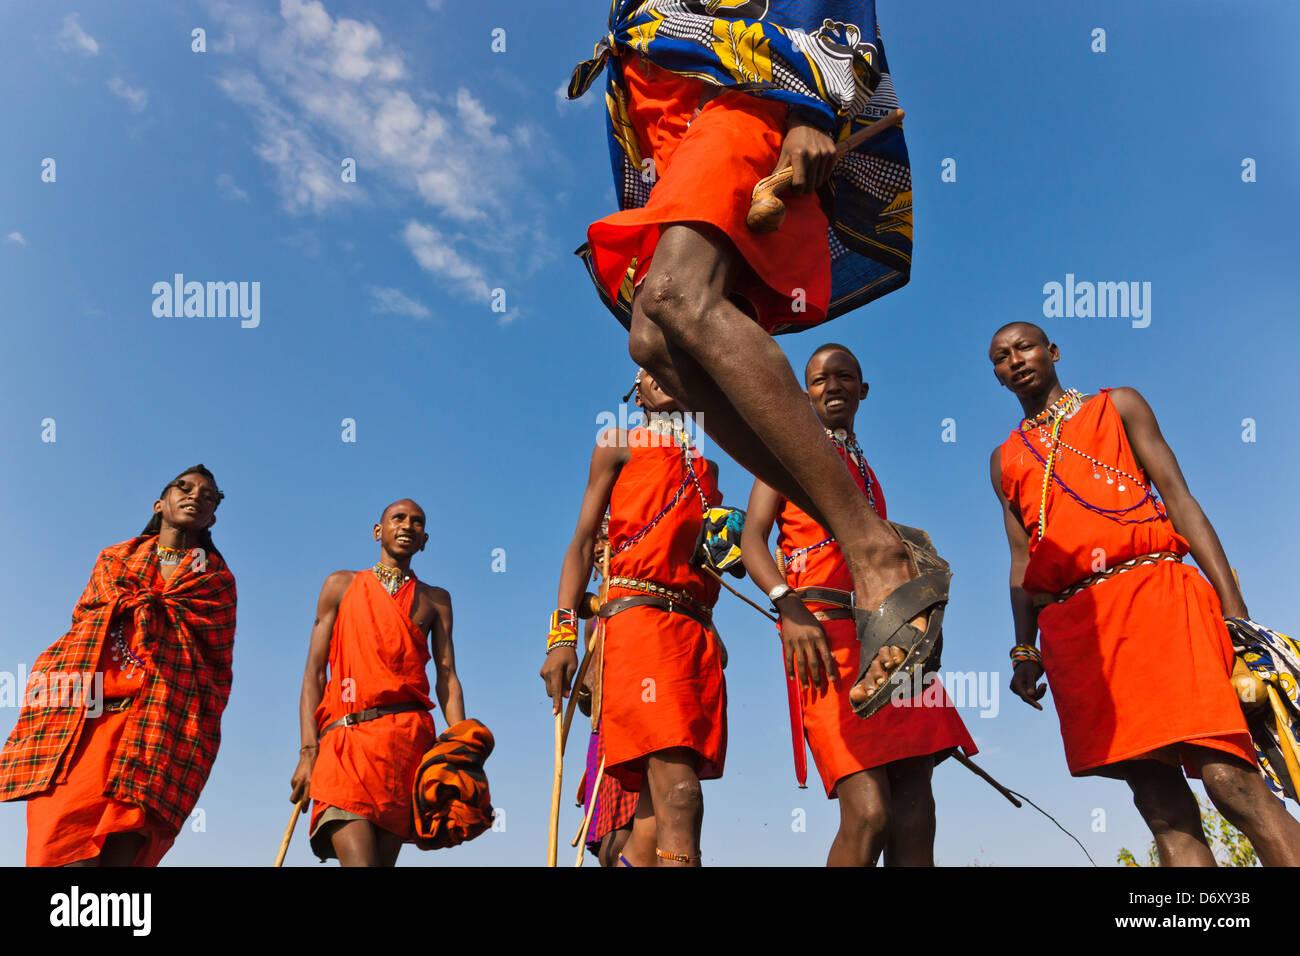 Masai Stammesmitglieder Durchführung springen tanzen, Masai Mara, Kenia Stockfoto